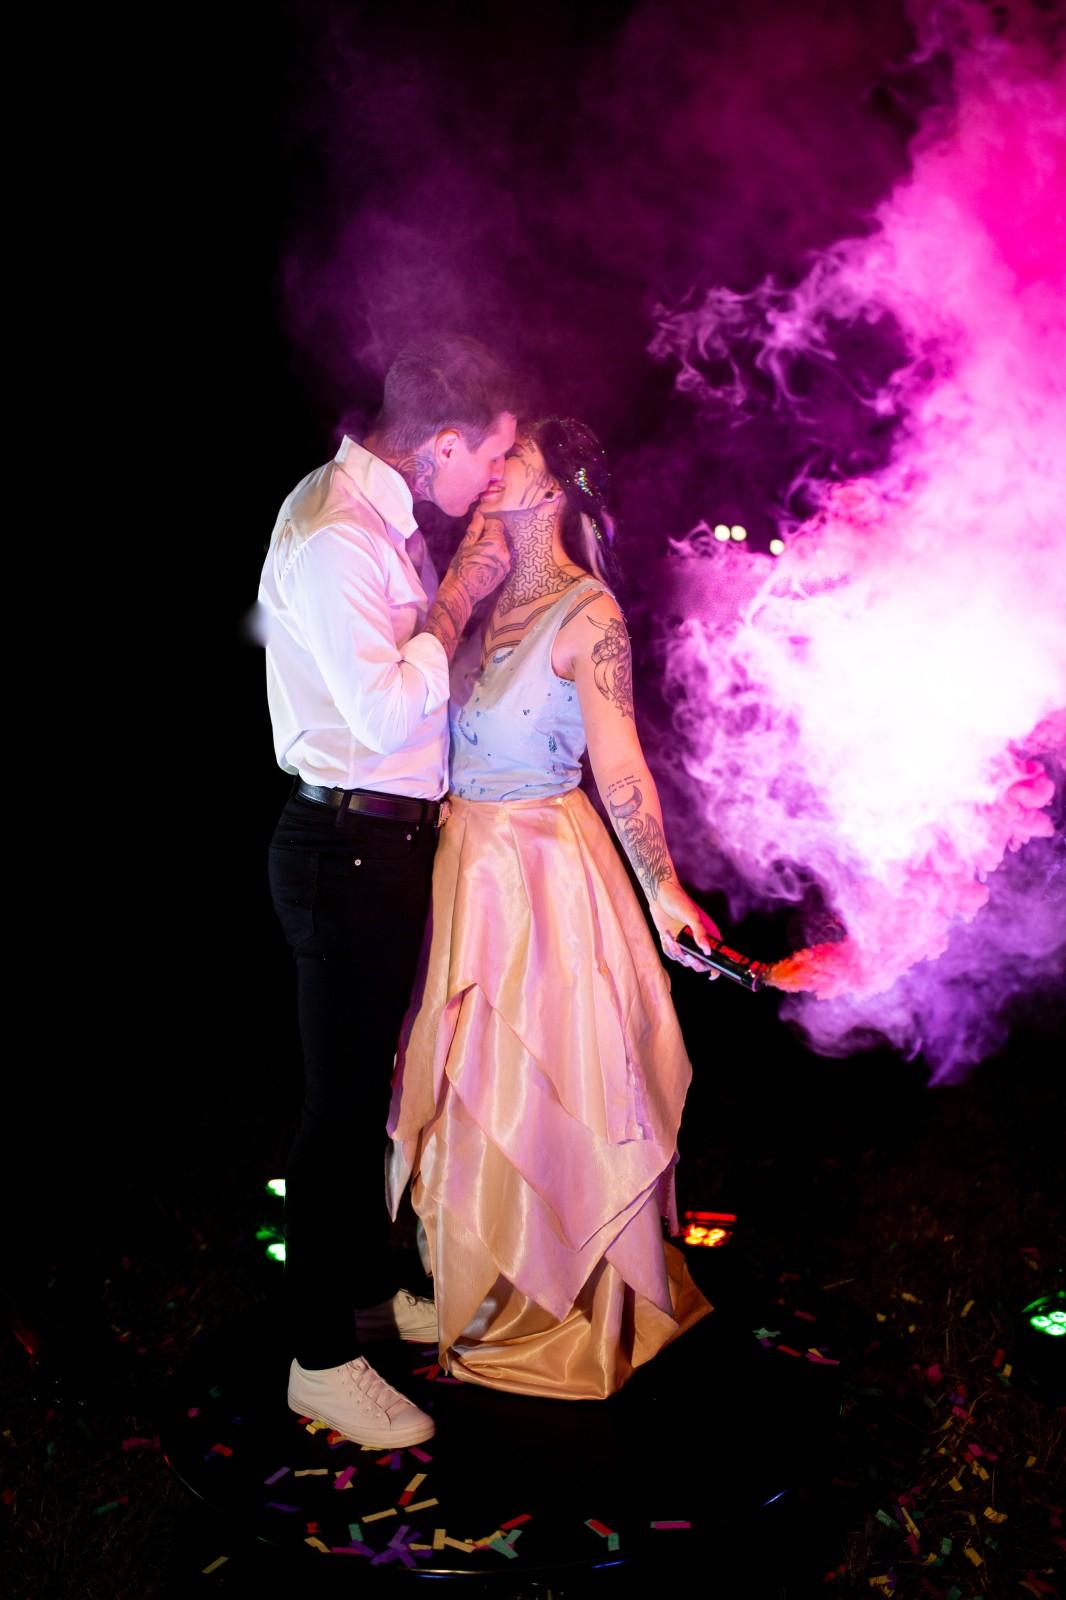 rainbow festival wedding - smoke bomb wedding photo - bride and groom with pink smoke bomb